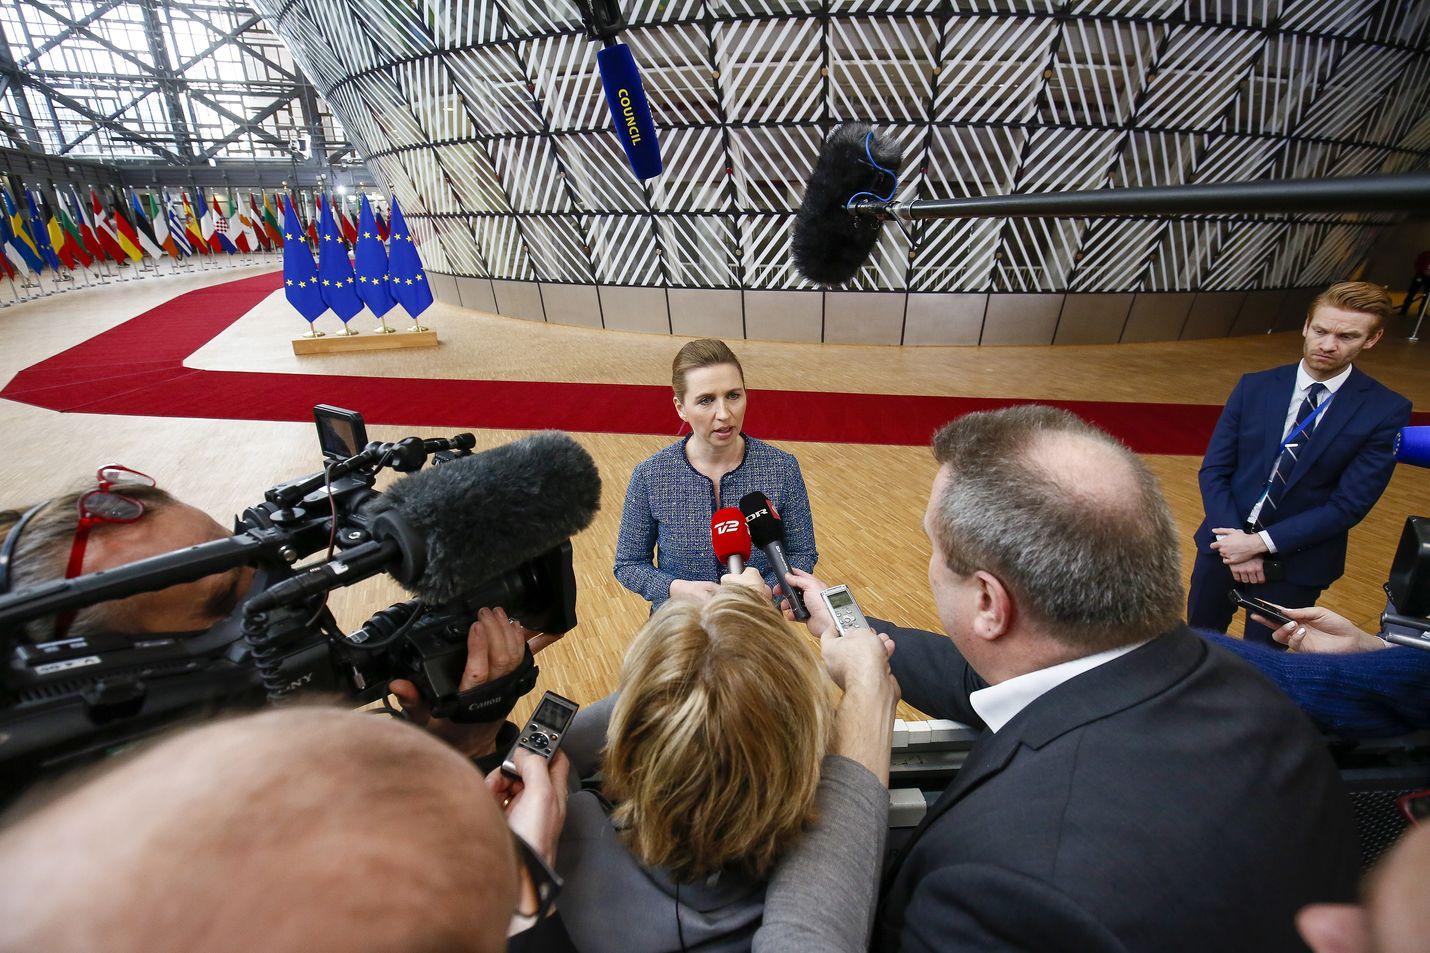 Tanskan pääministeri Mette Frederiksen puhui toimittajille perjantaina ennen EU:n huippukokouksen toisen päivän neuvotteluja. Kokouksessa päätetään EU:n vuosien 2021–2027 rahoituskehyksestä.